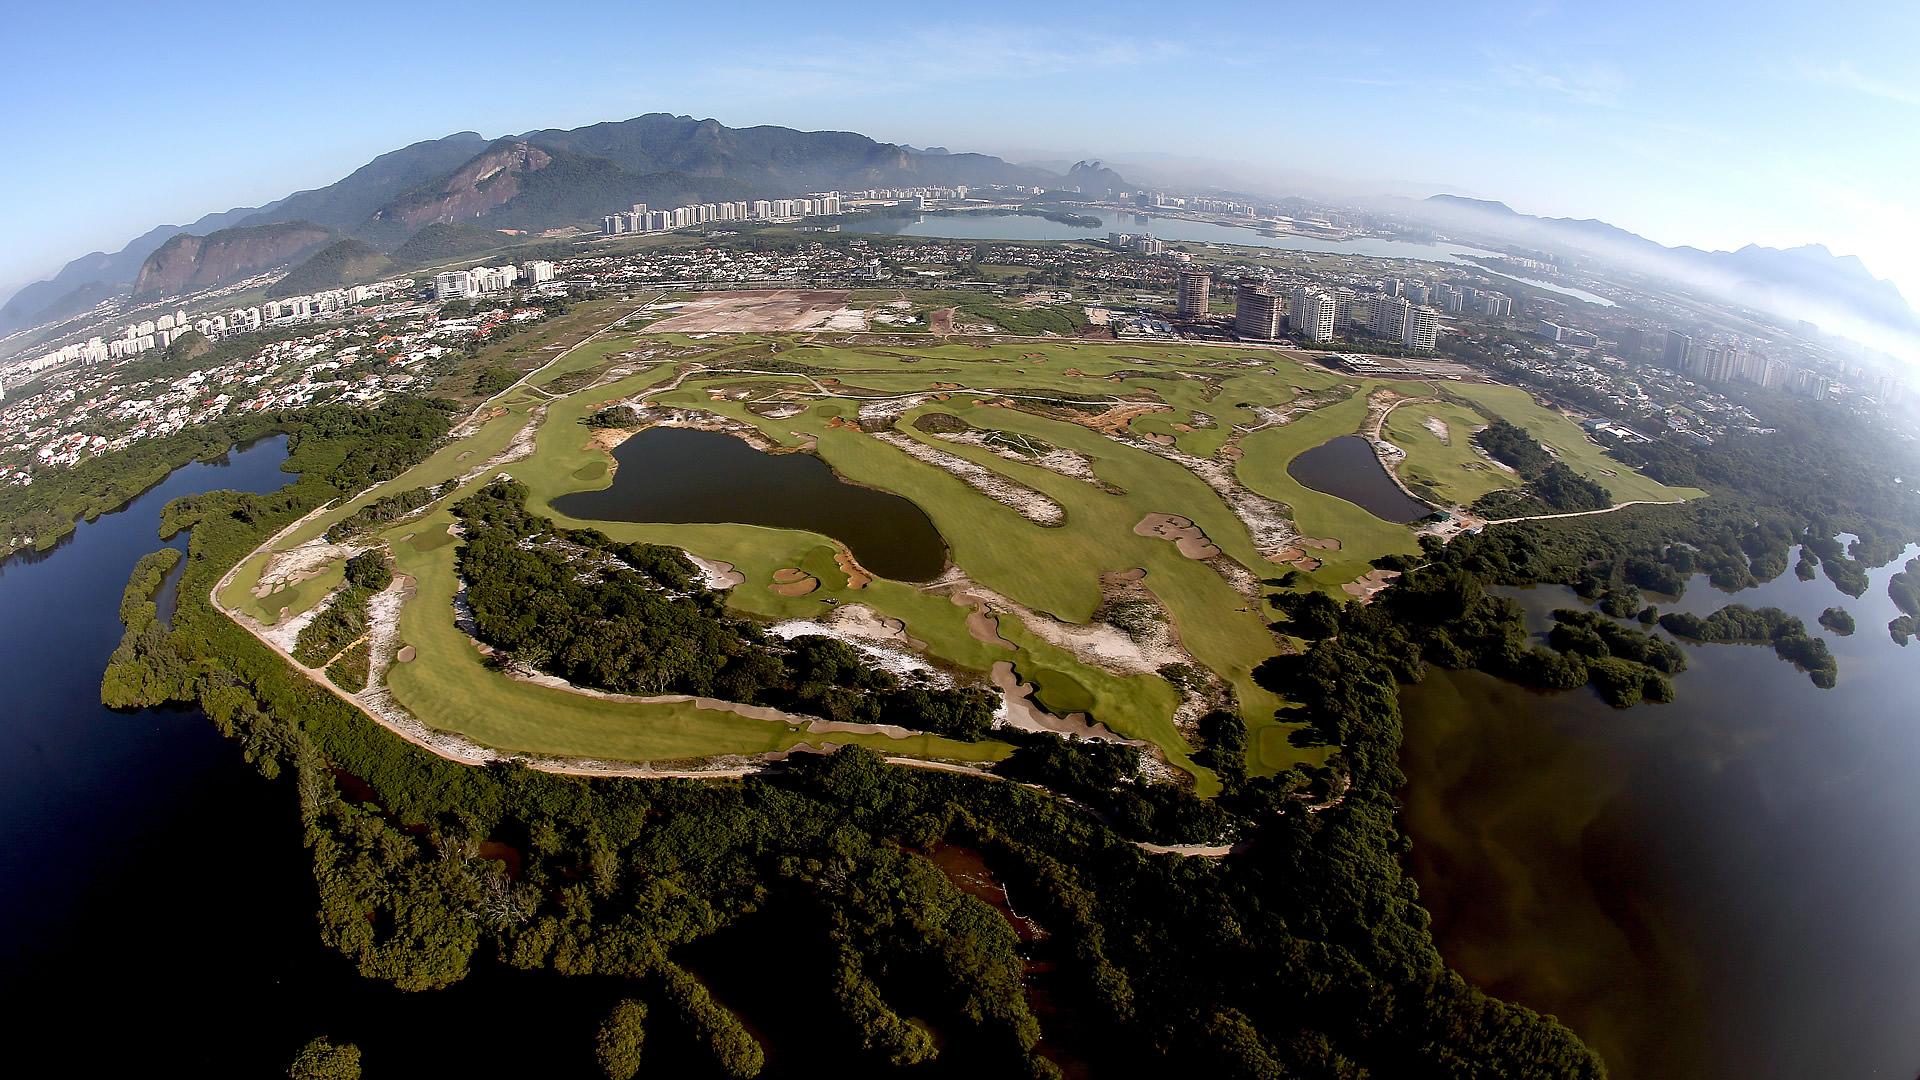 via Golfchannel.com